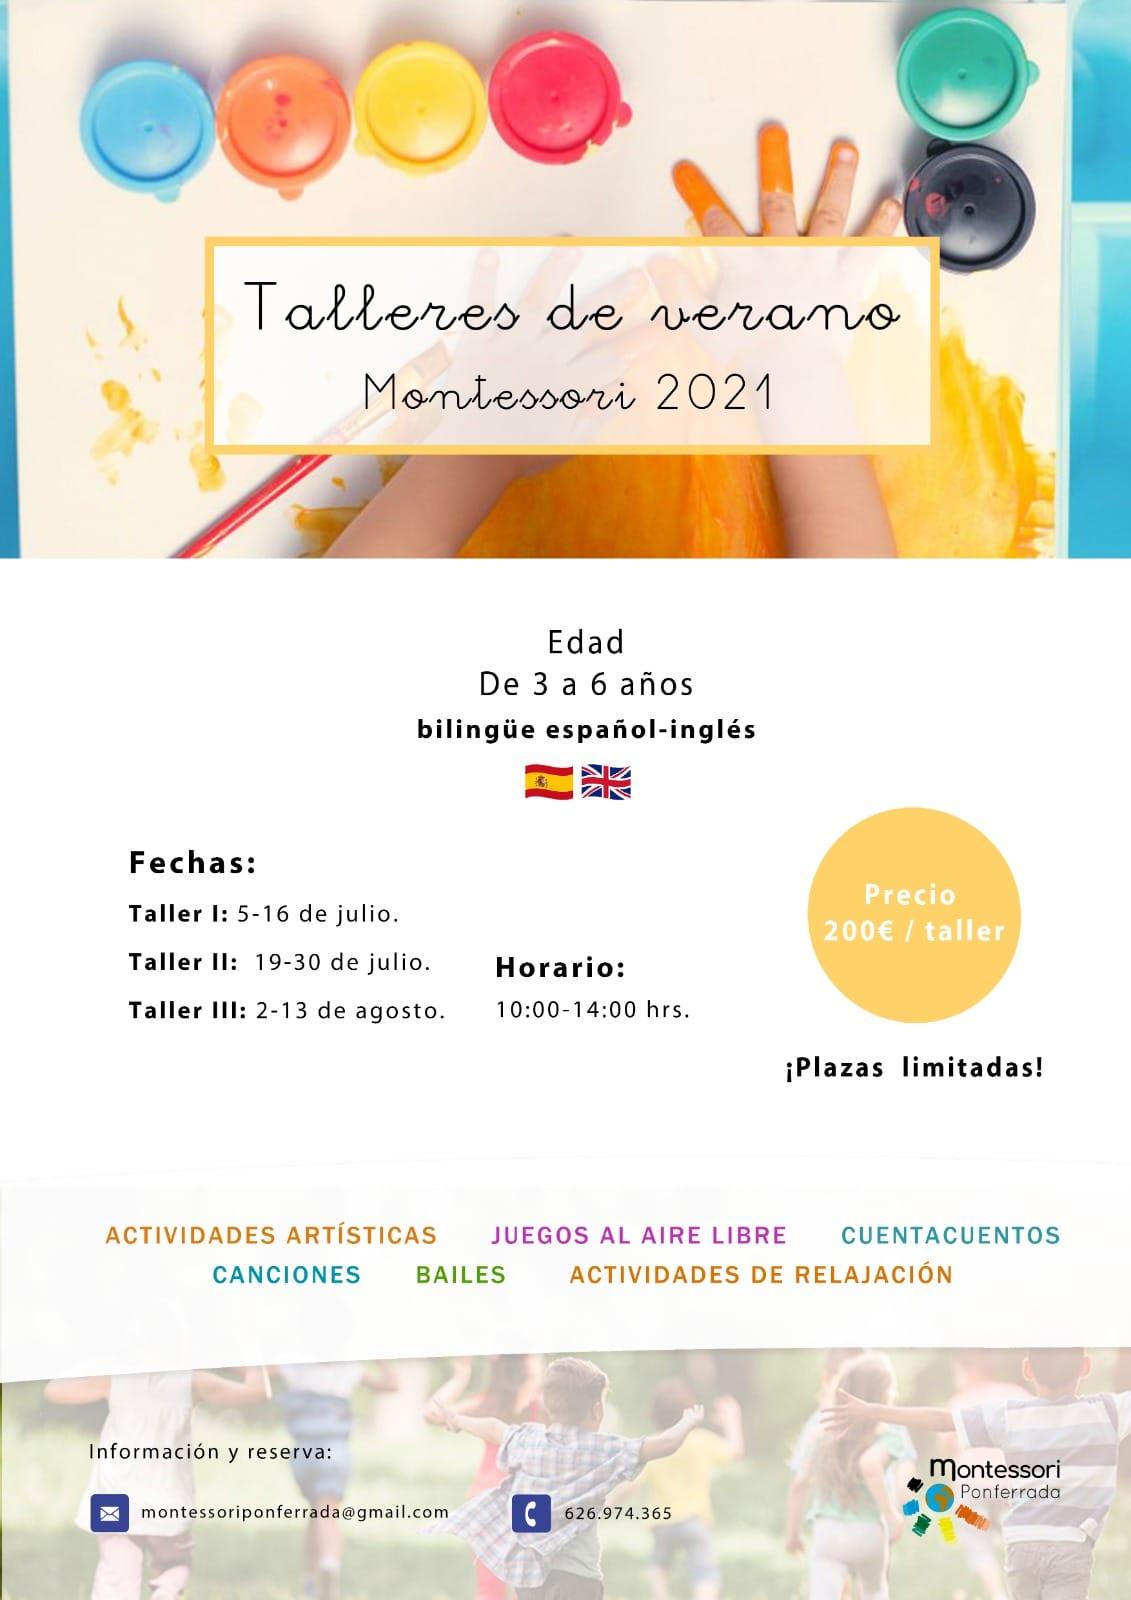 Campamentos y Campus de verano 2021 en Ponferrada y El Bierzo 8